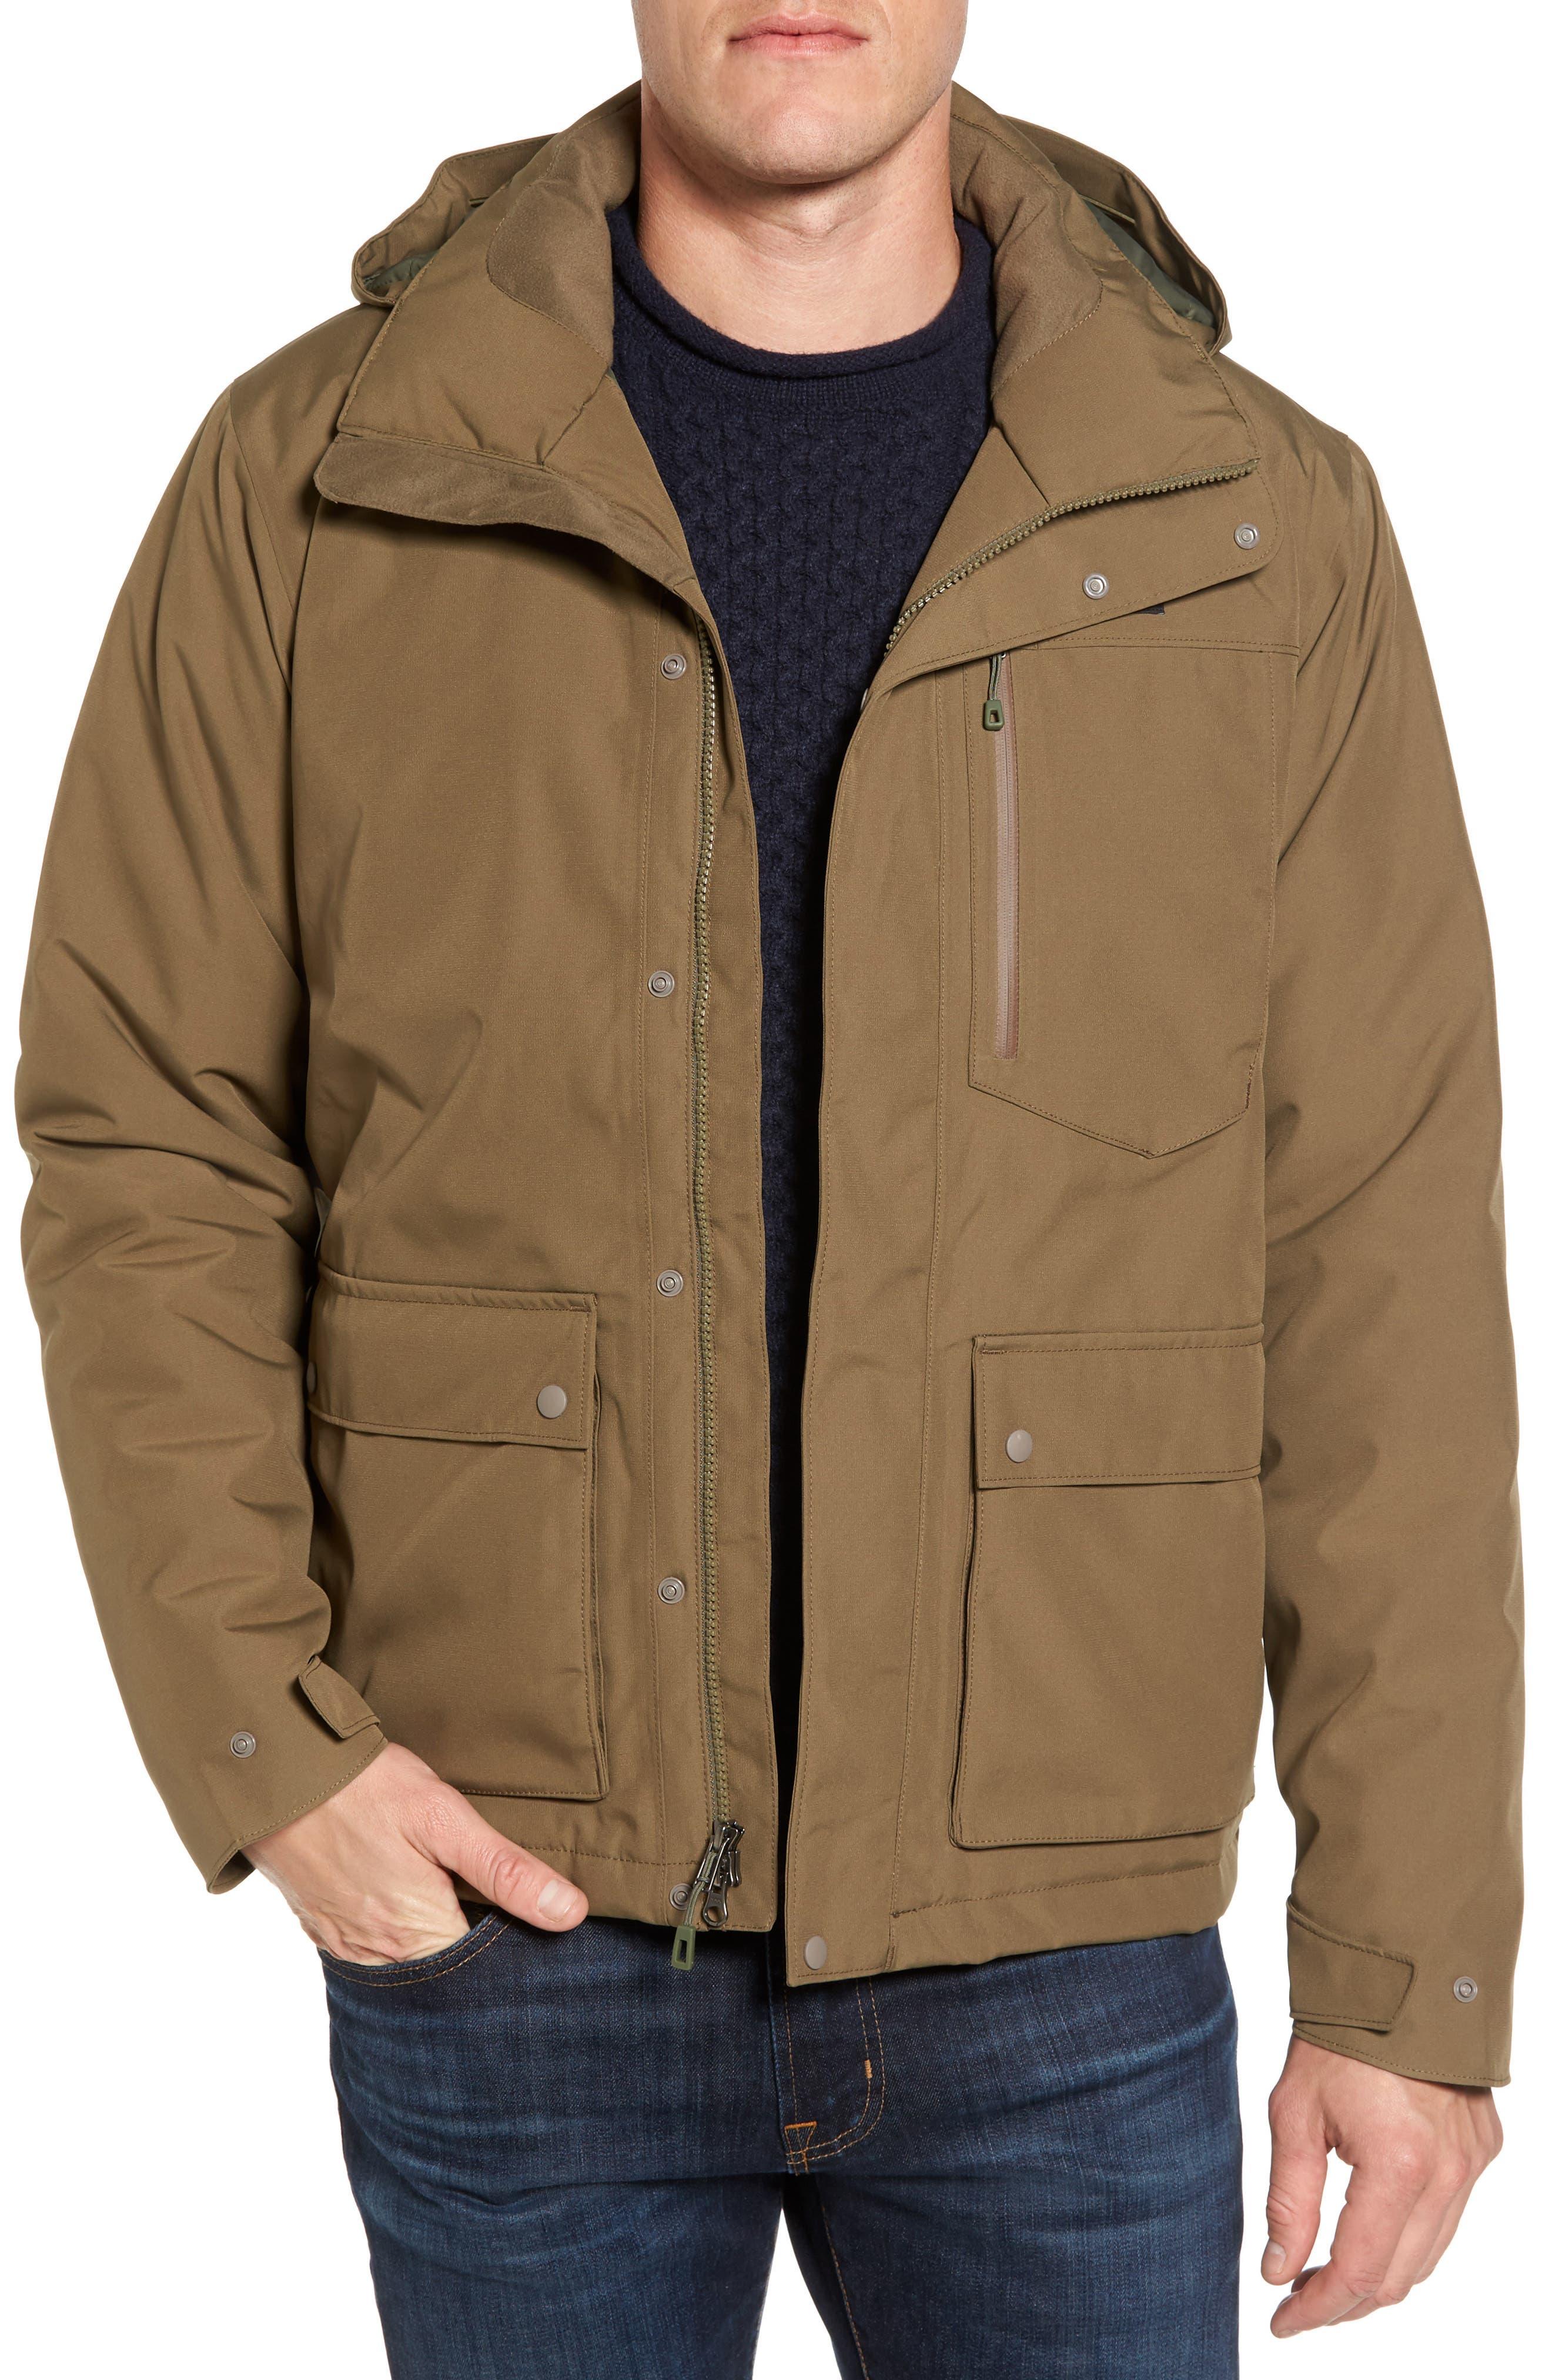 Patagonia Topley Waterproof Jacket